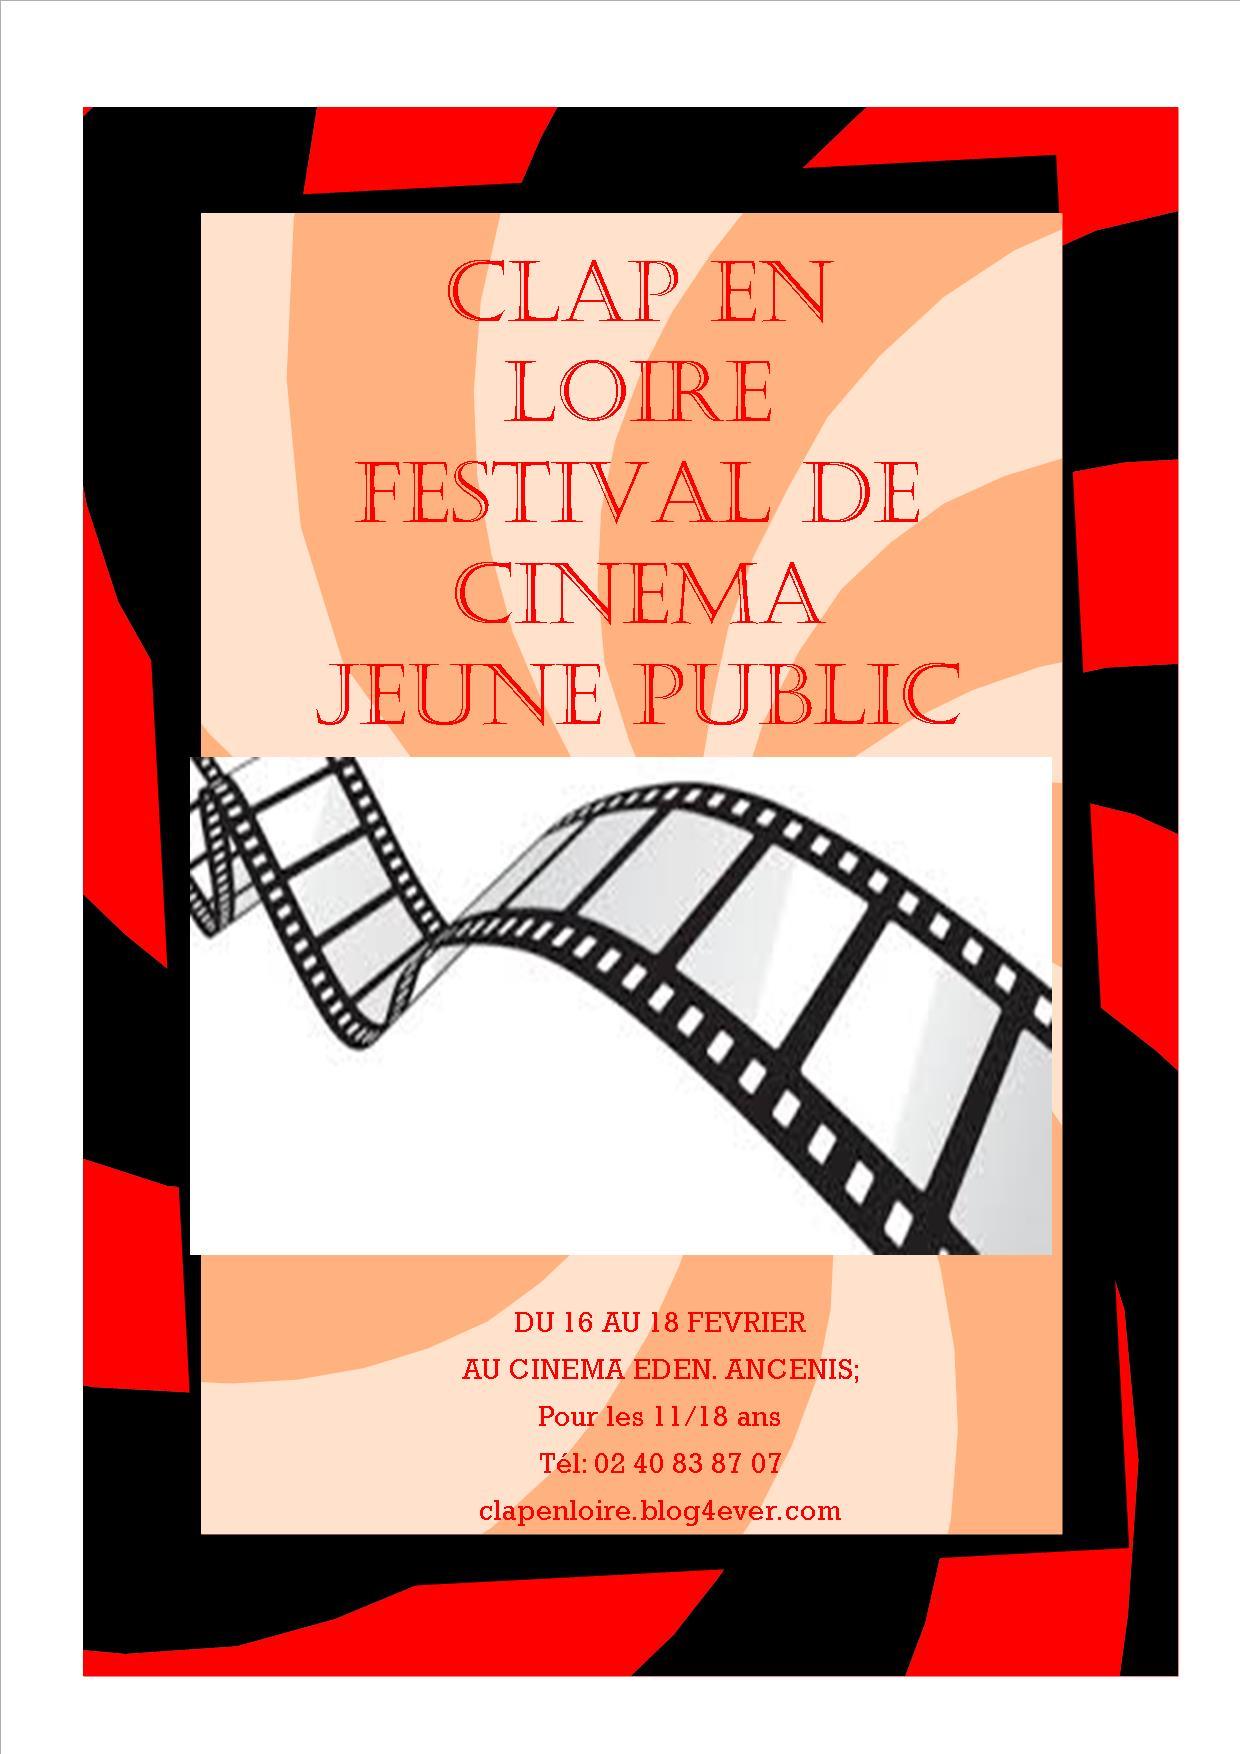 Affiche Chloé Lanic.jpg